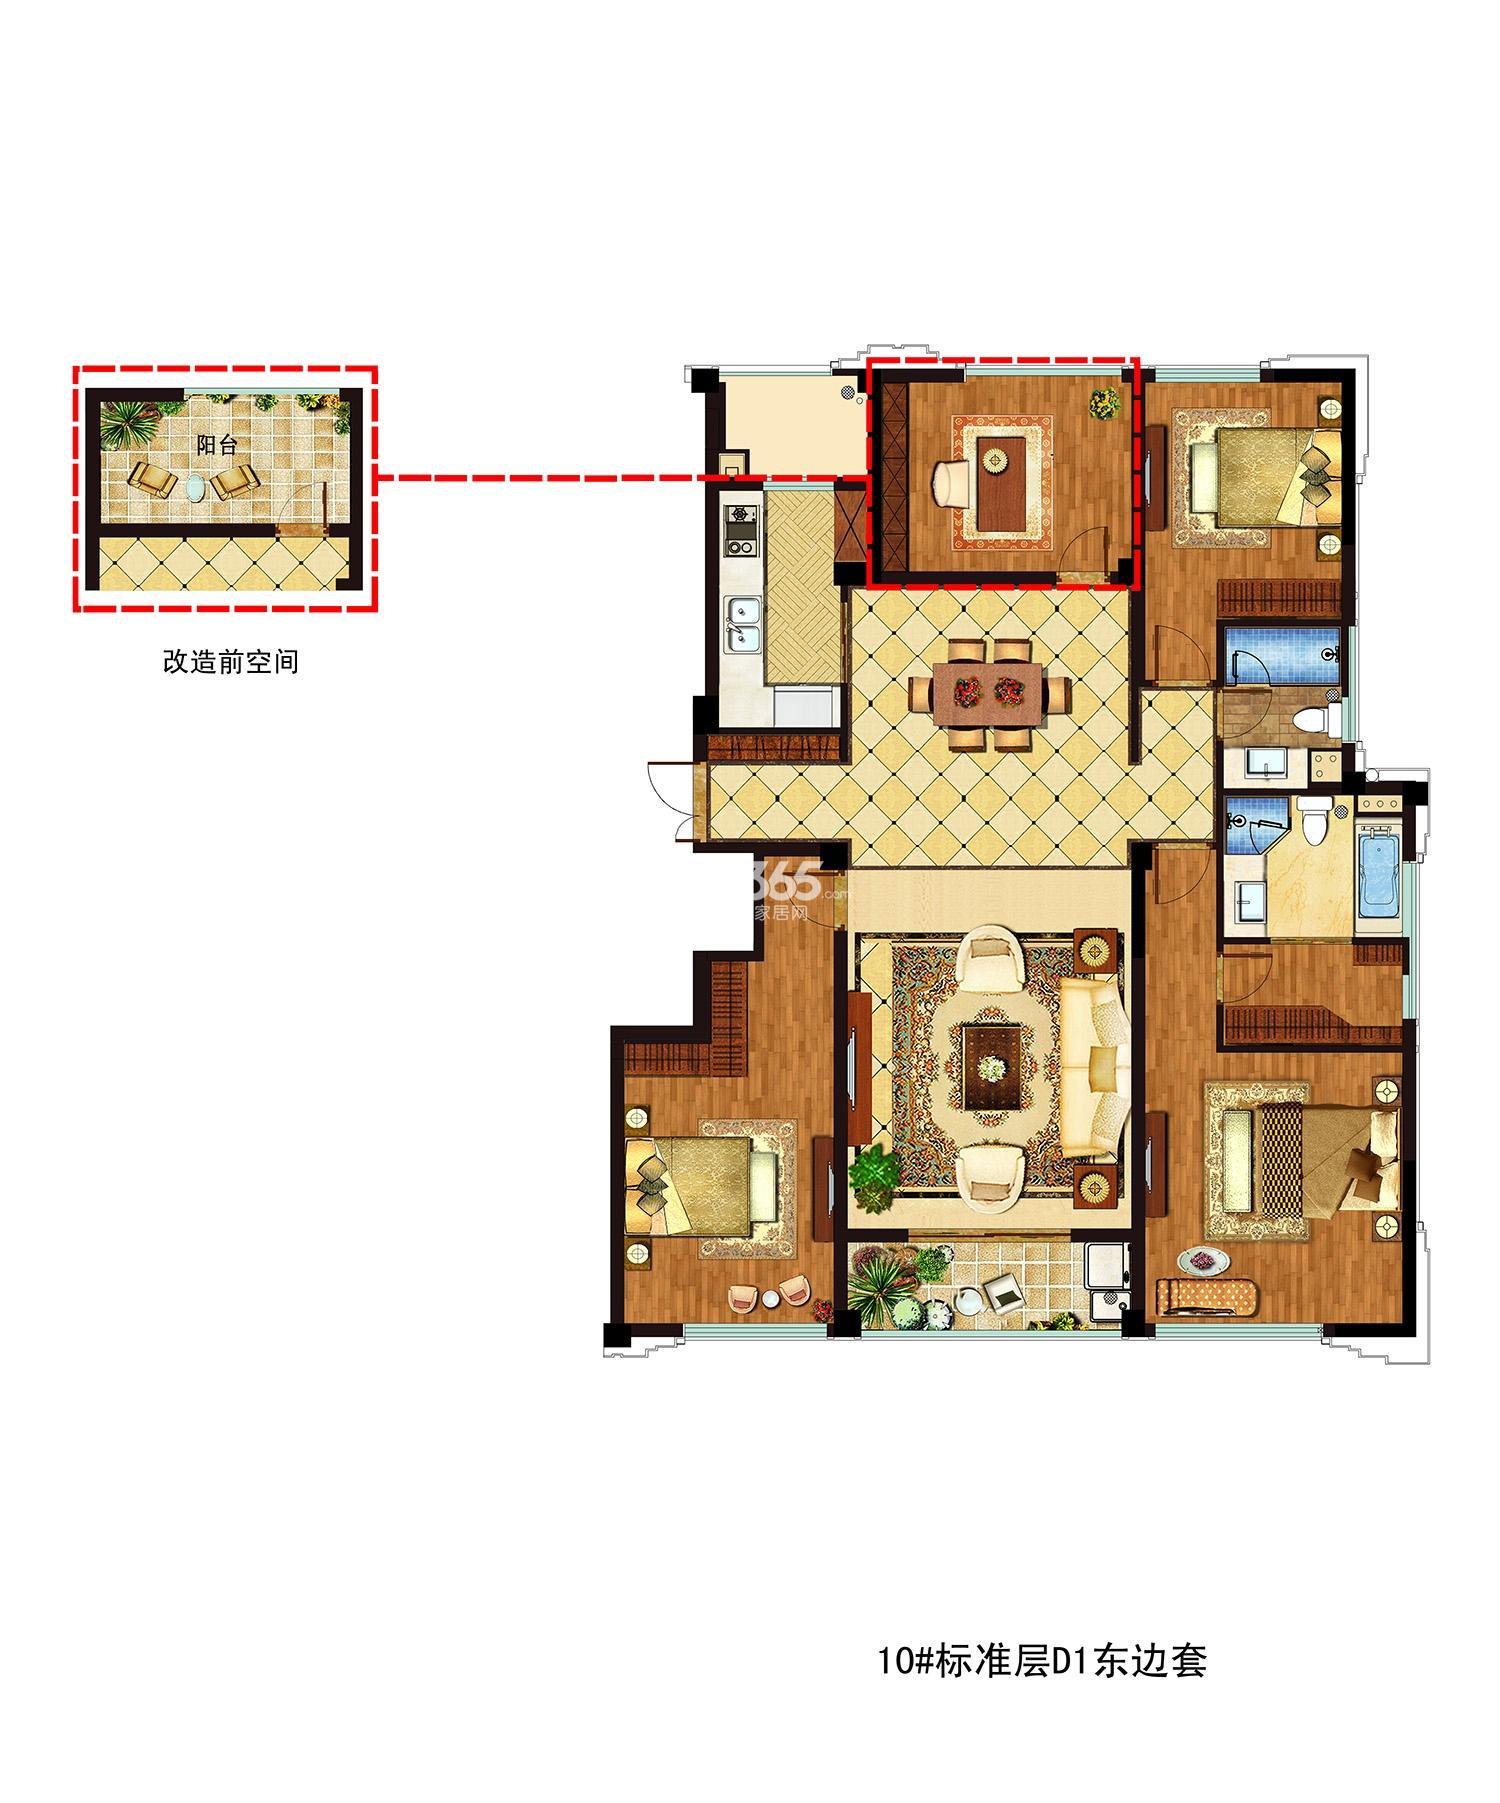 九龙仓碧玺项目10号楼标准层D1东边套 157㎡ 三房两厅两卫